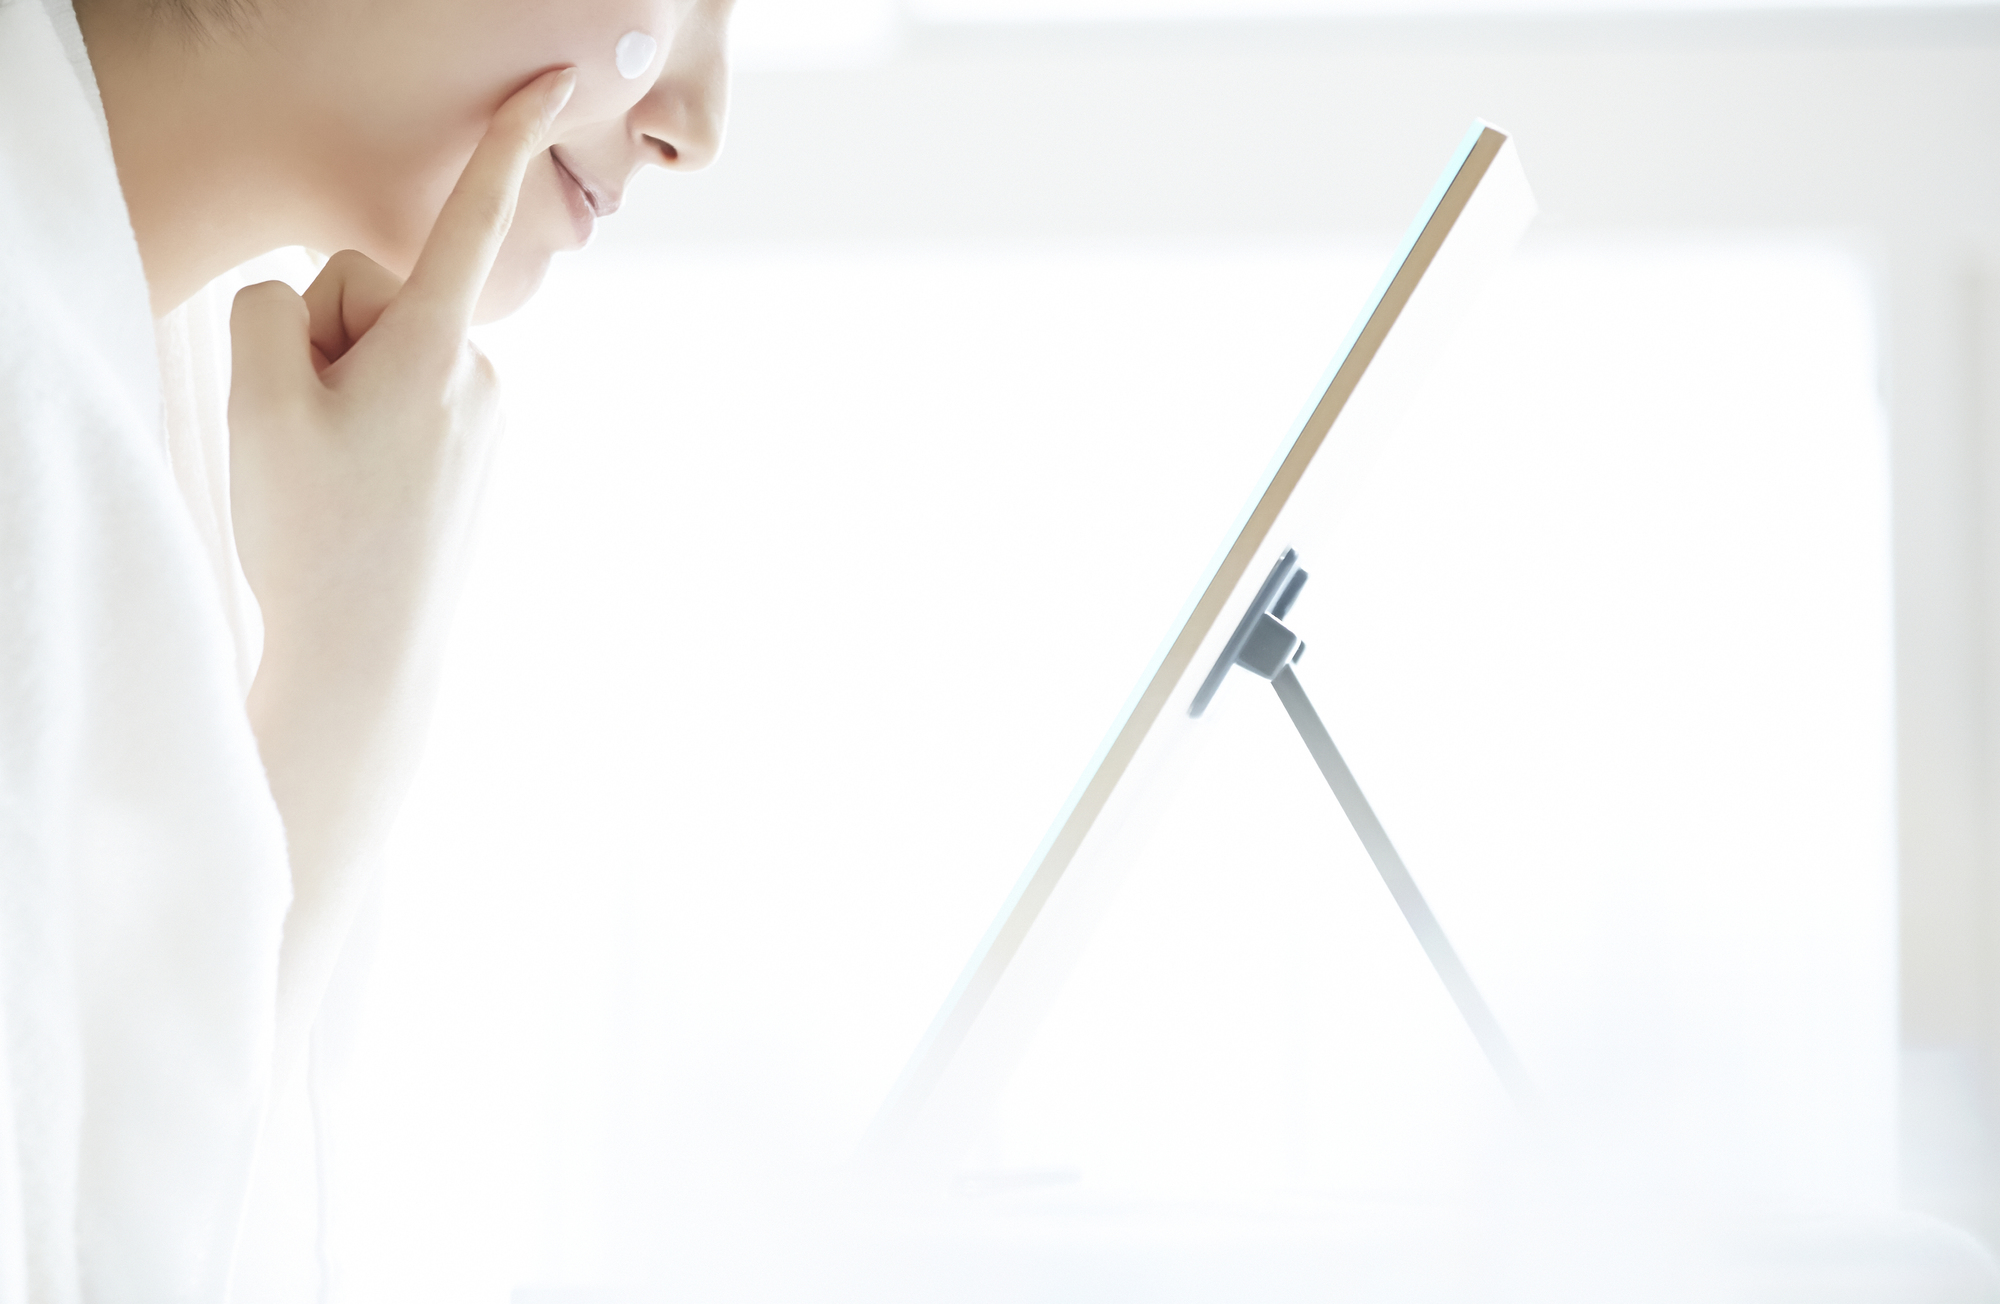 5タイプ別毛穴の黒ずみの原因と除去法!角栓毛穴は自宅で消せる!